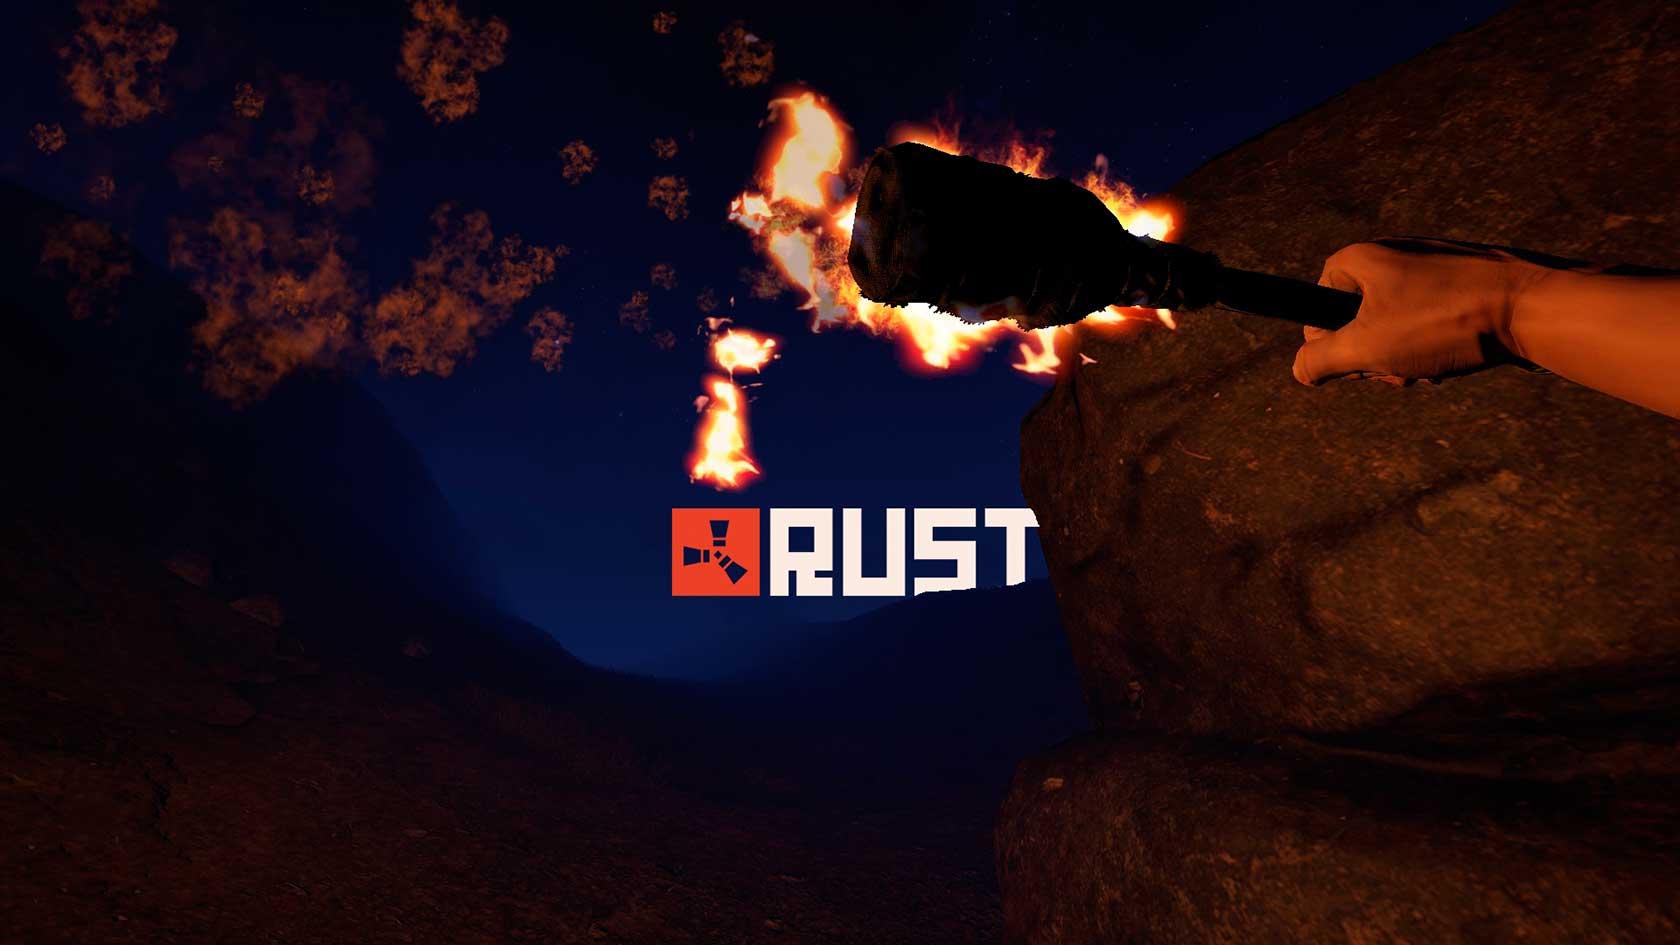 Rust_gameli2016-2f